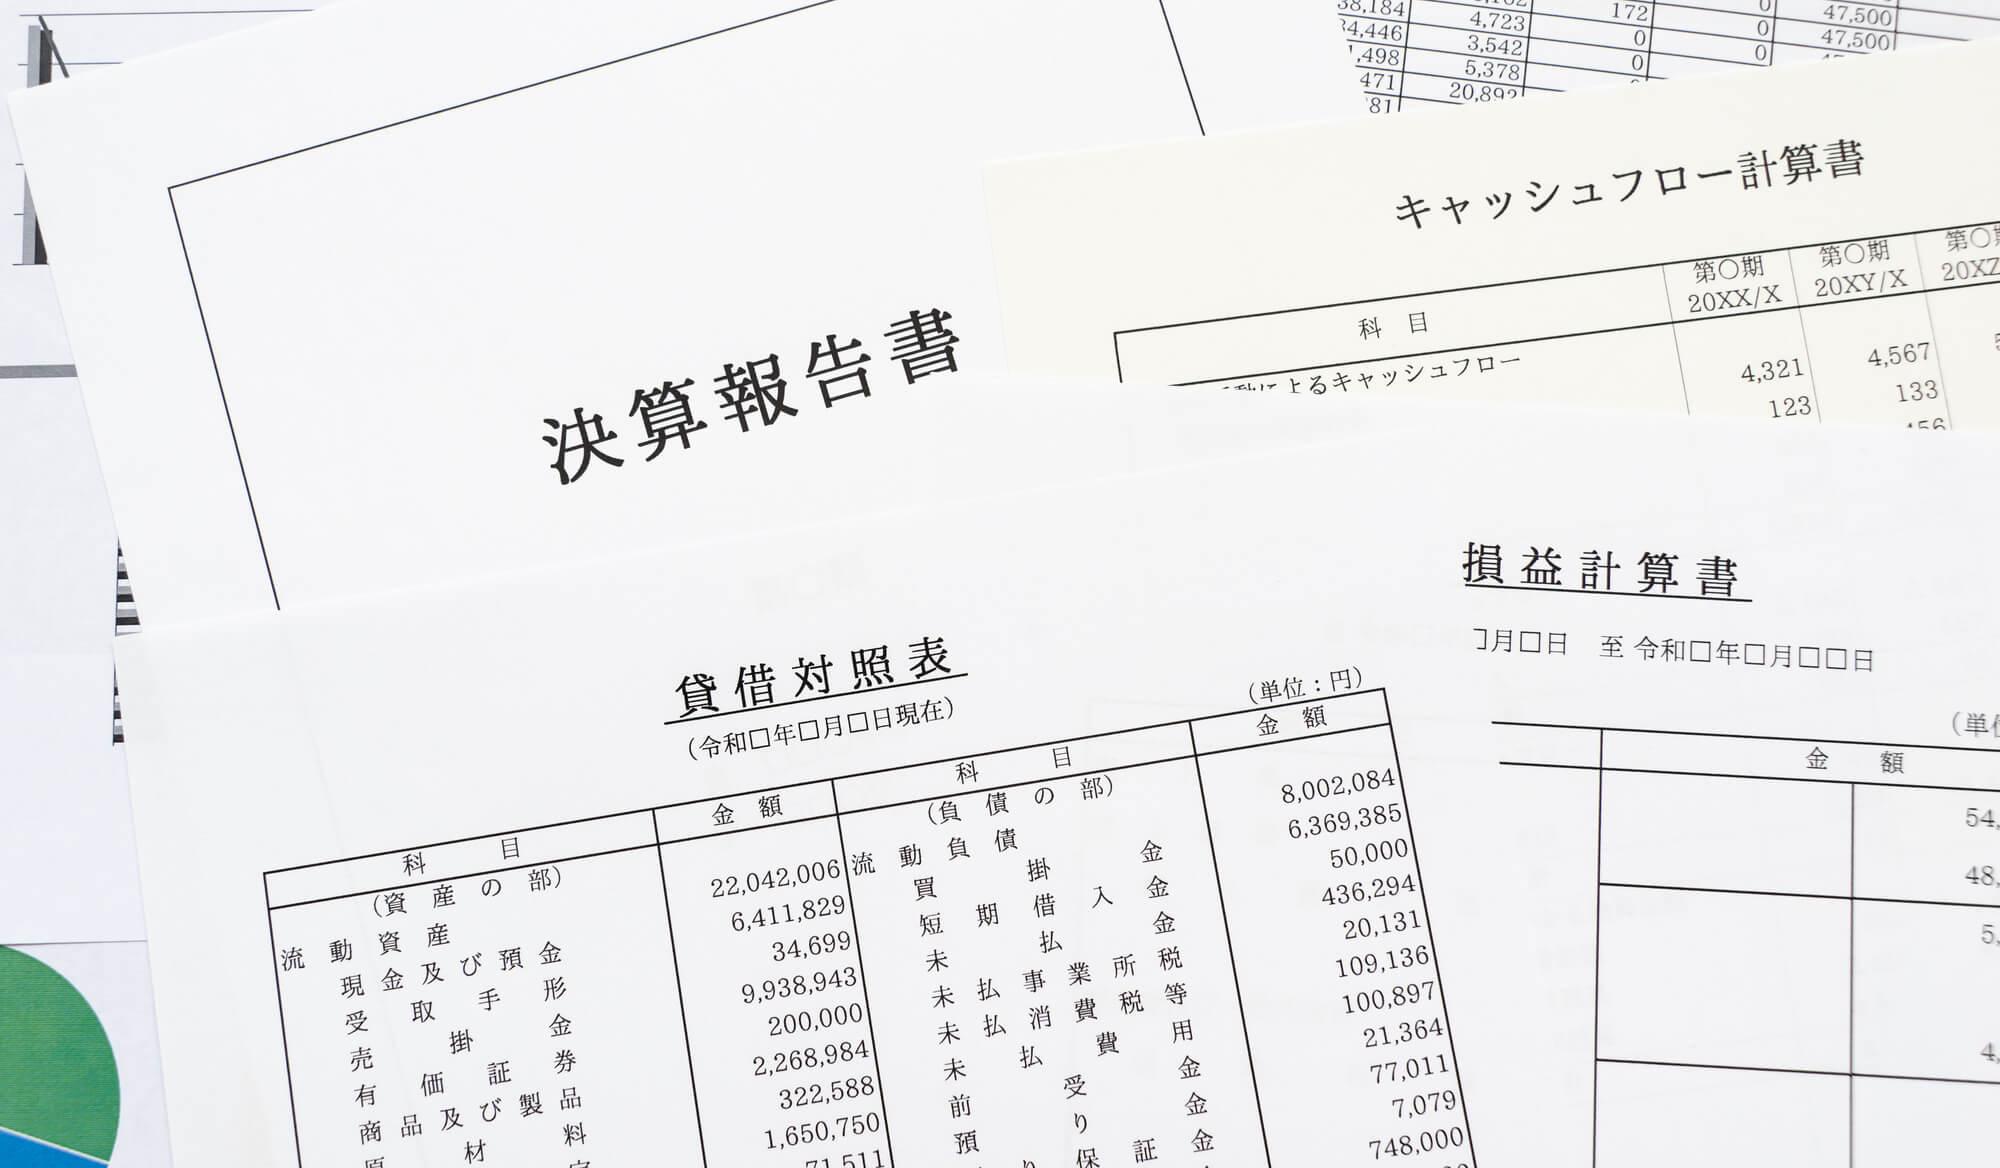 【経営者向け】財務分析で絶対におさえるべき5つの手法と重要指標を公開!